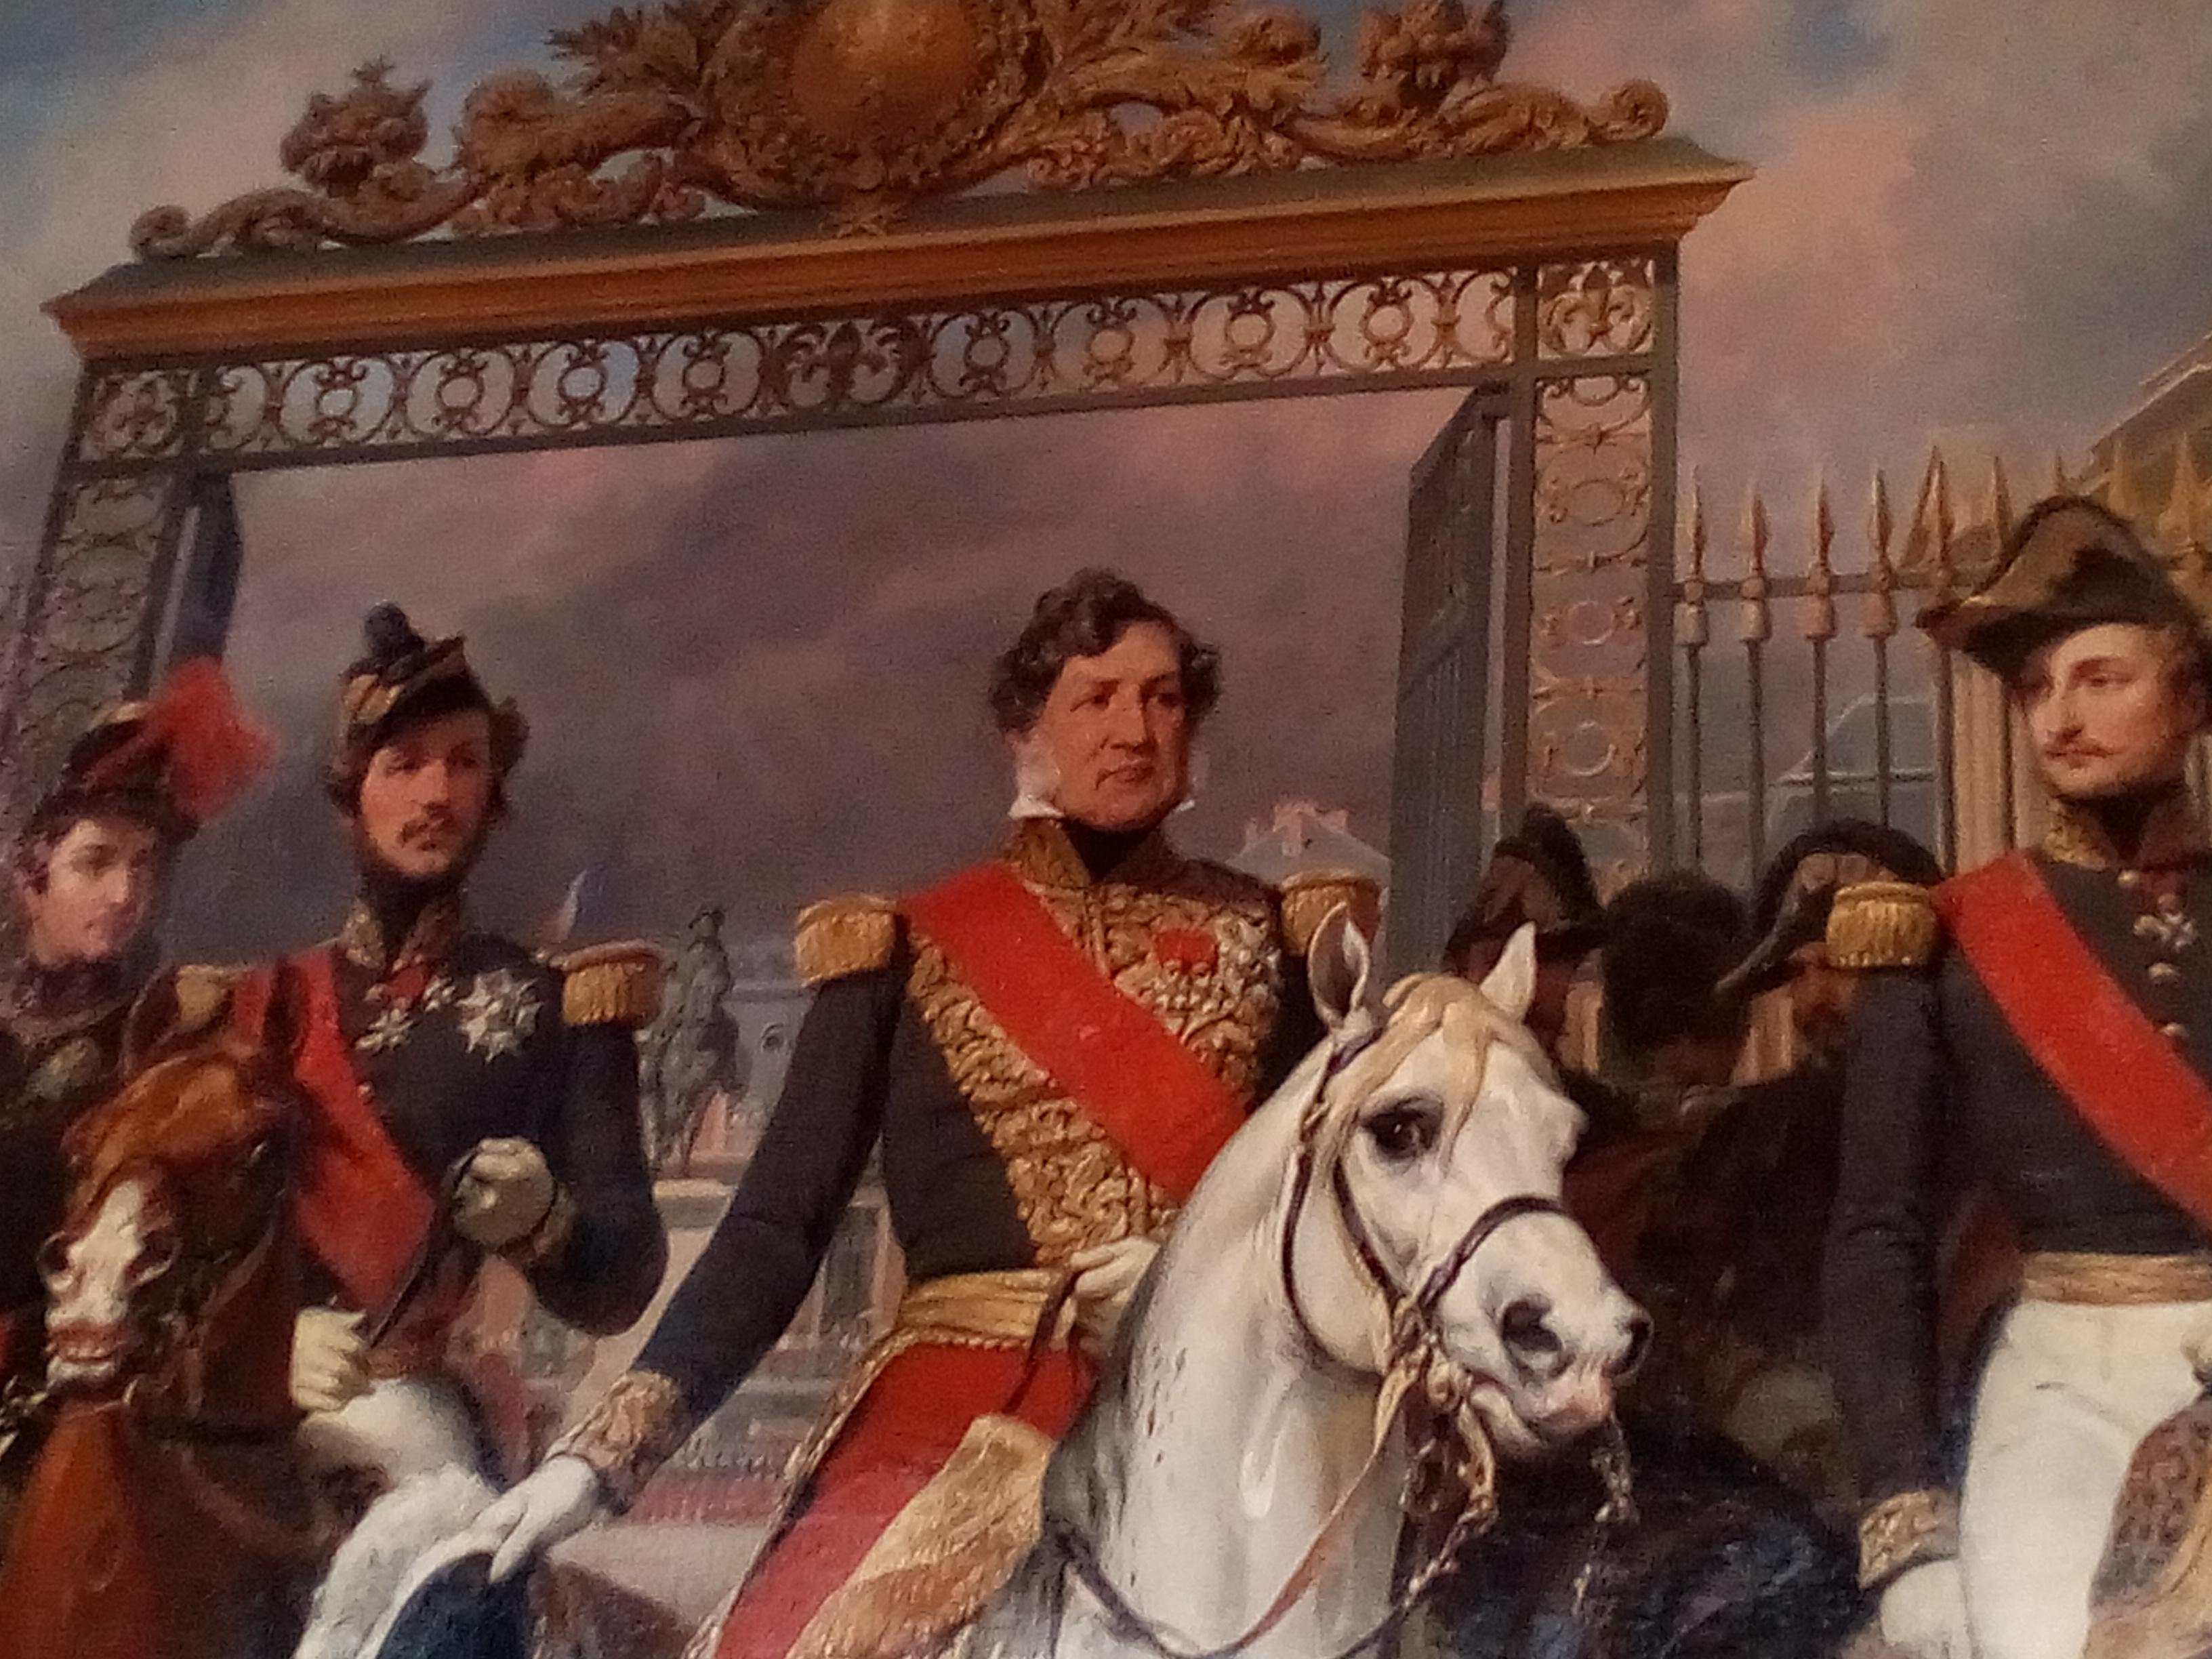 Château de Versailles, aile Nord, Le roi Louis-Philippe entouré de ses cinq fils sortant par la grille d'honneur du château de Versailles après avoir passé une revue militaire dans les cours, 10 juin 1837